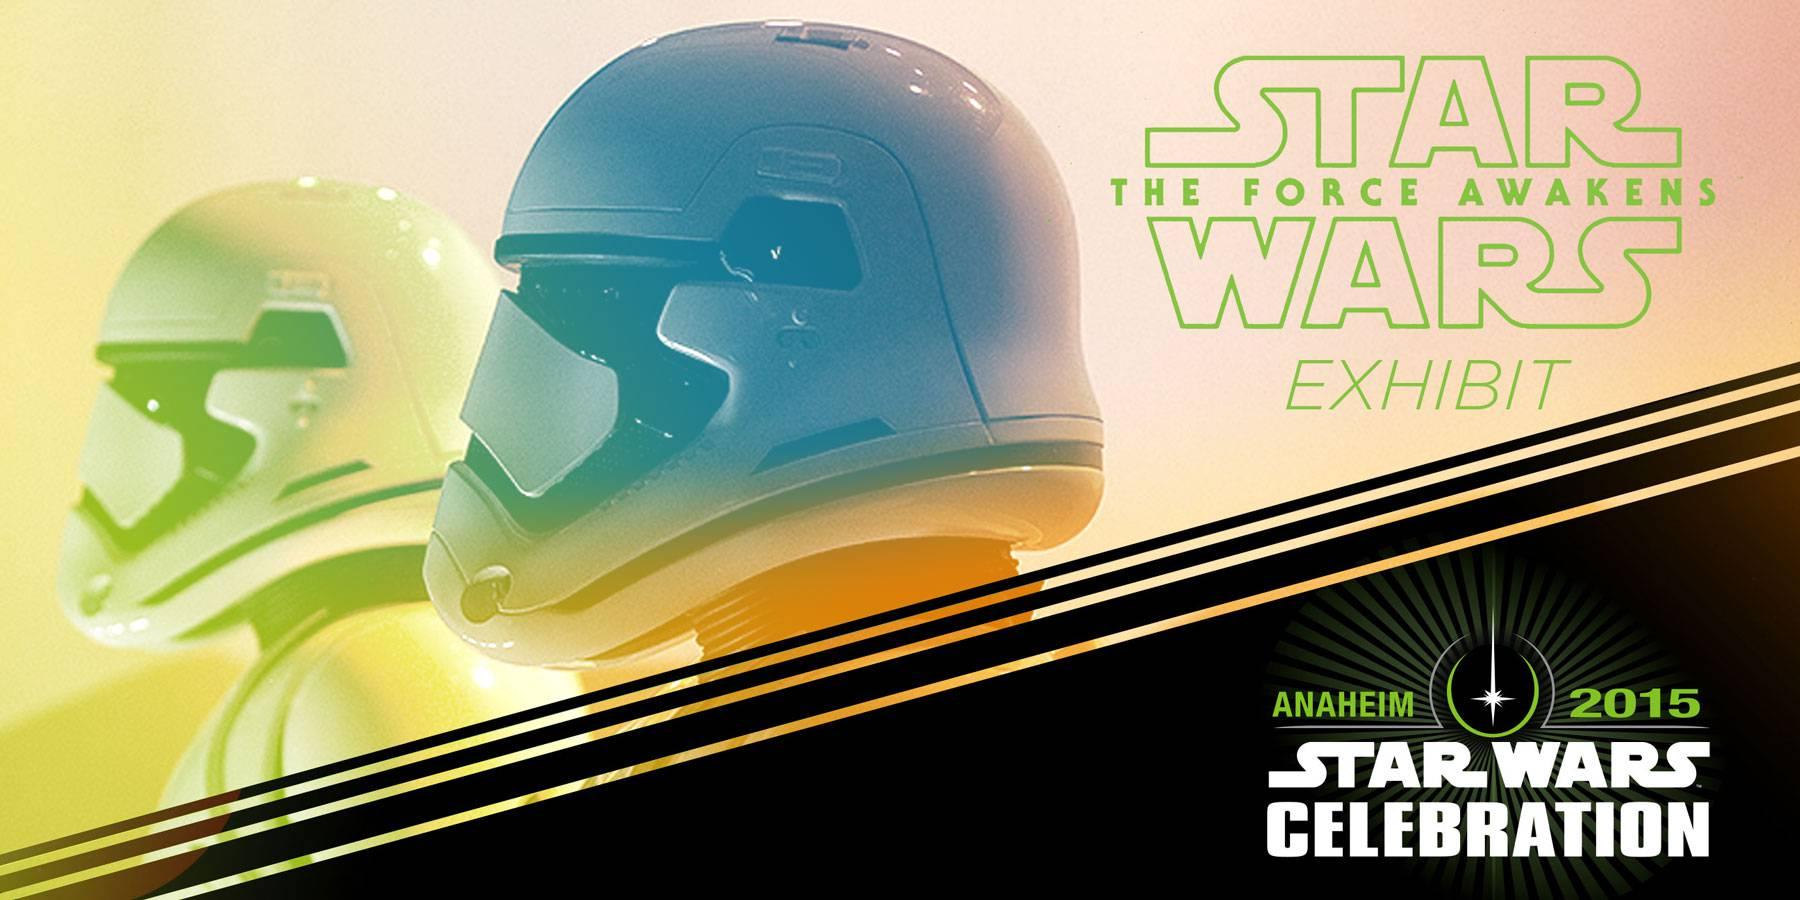 The Force Awakens Exhibit